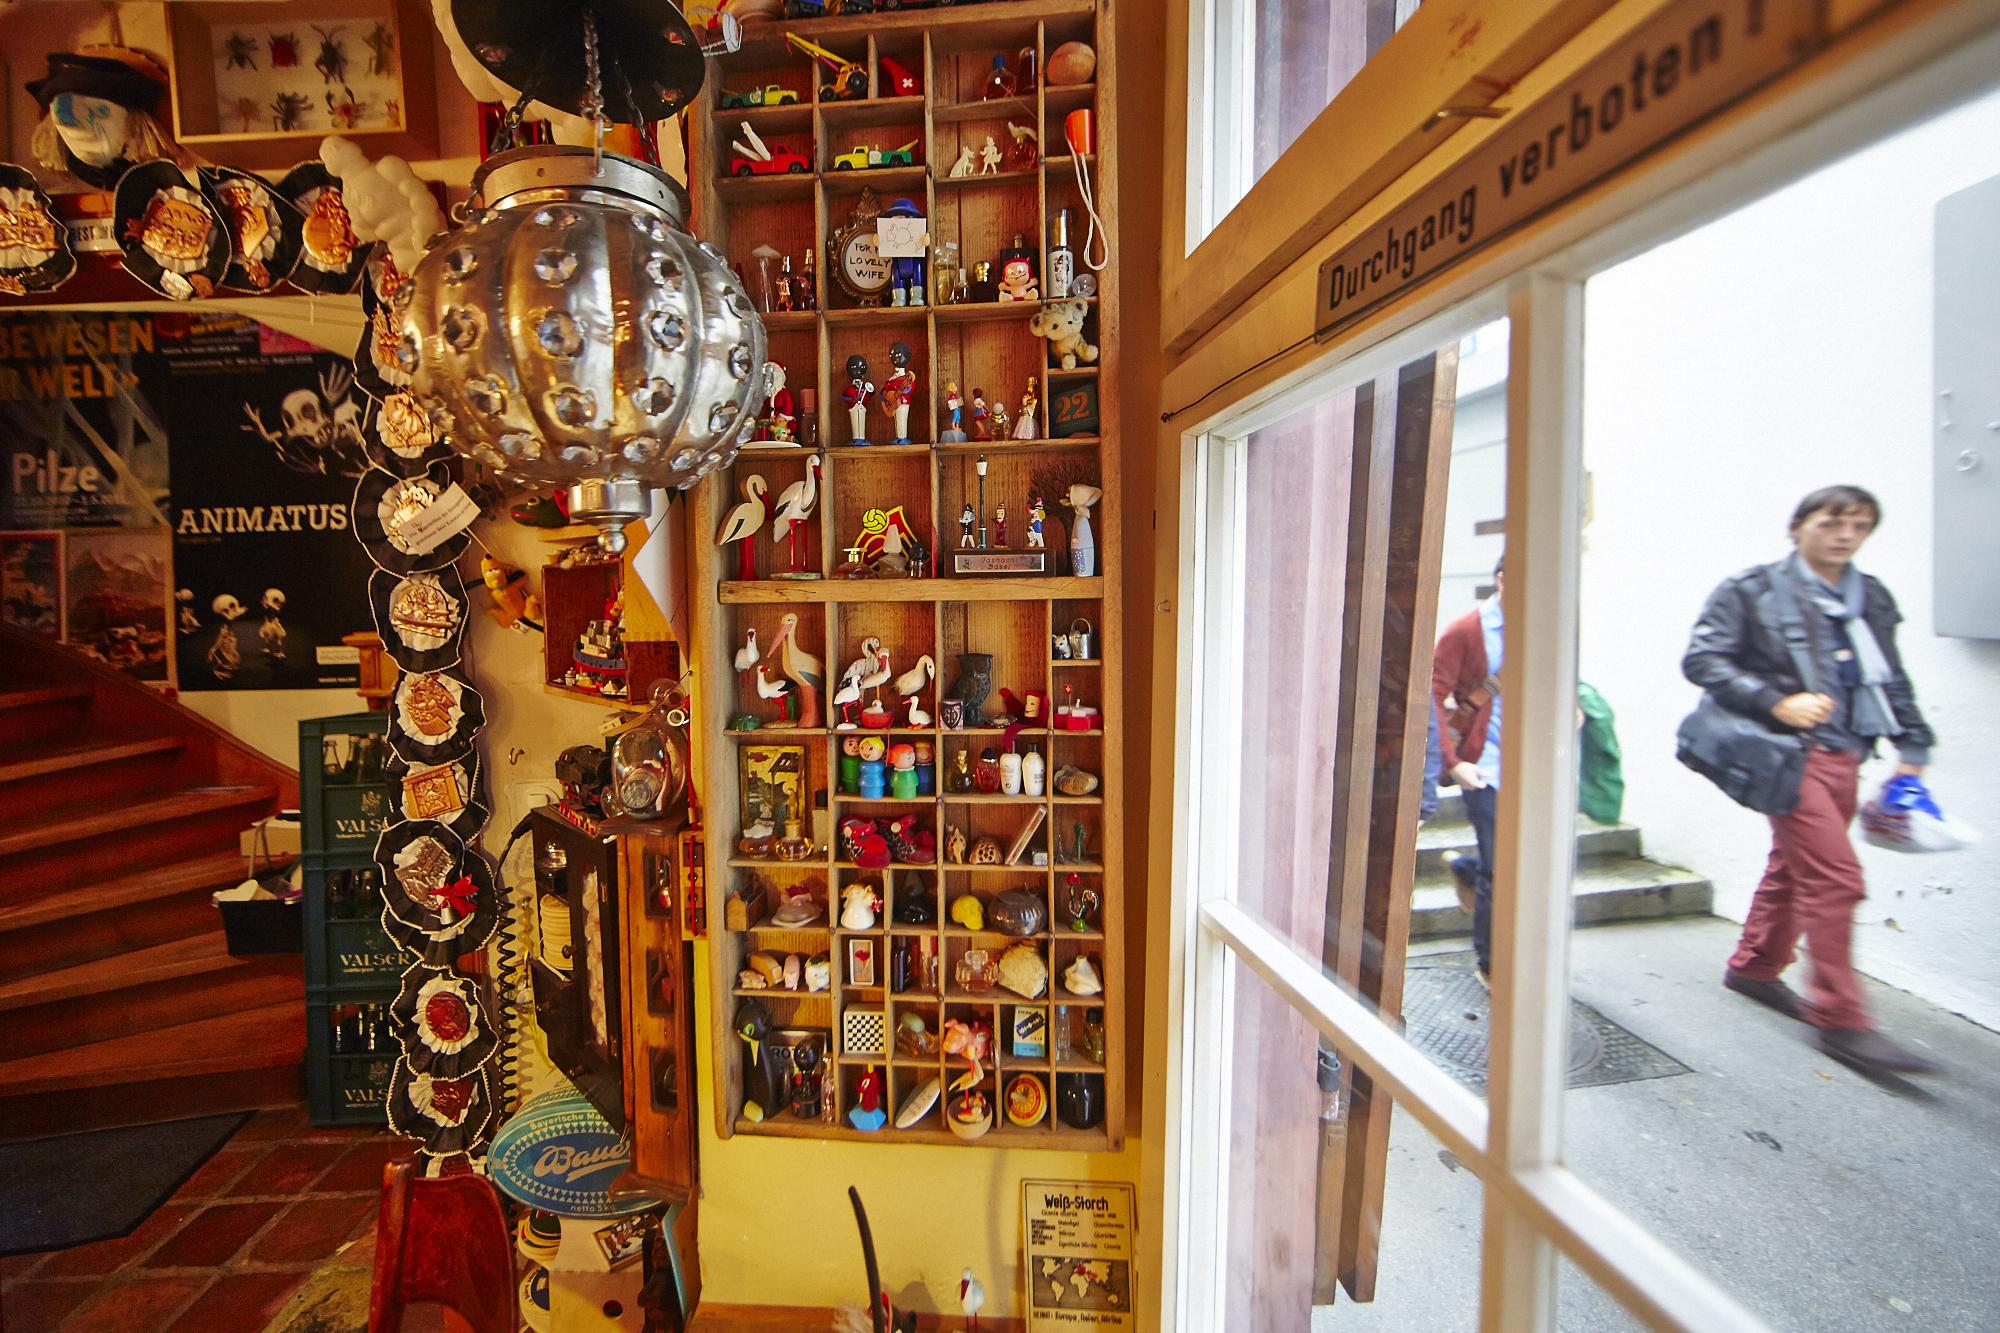 Kinkerlitz, soweit das Auge reicht: Das Hoosesaggmuseum beherbergt Dinge, die in Hosentaschen passen.